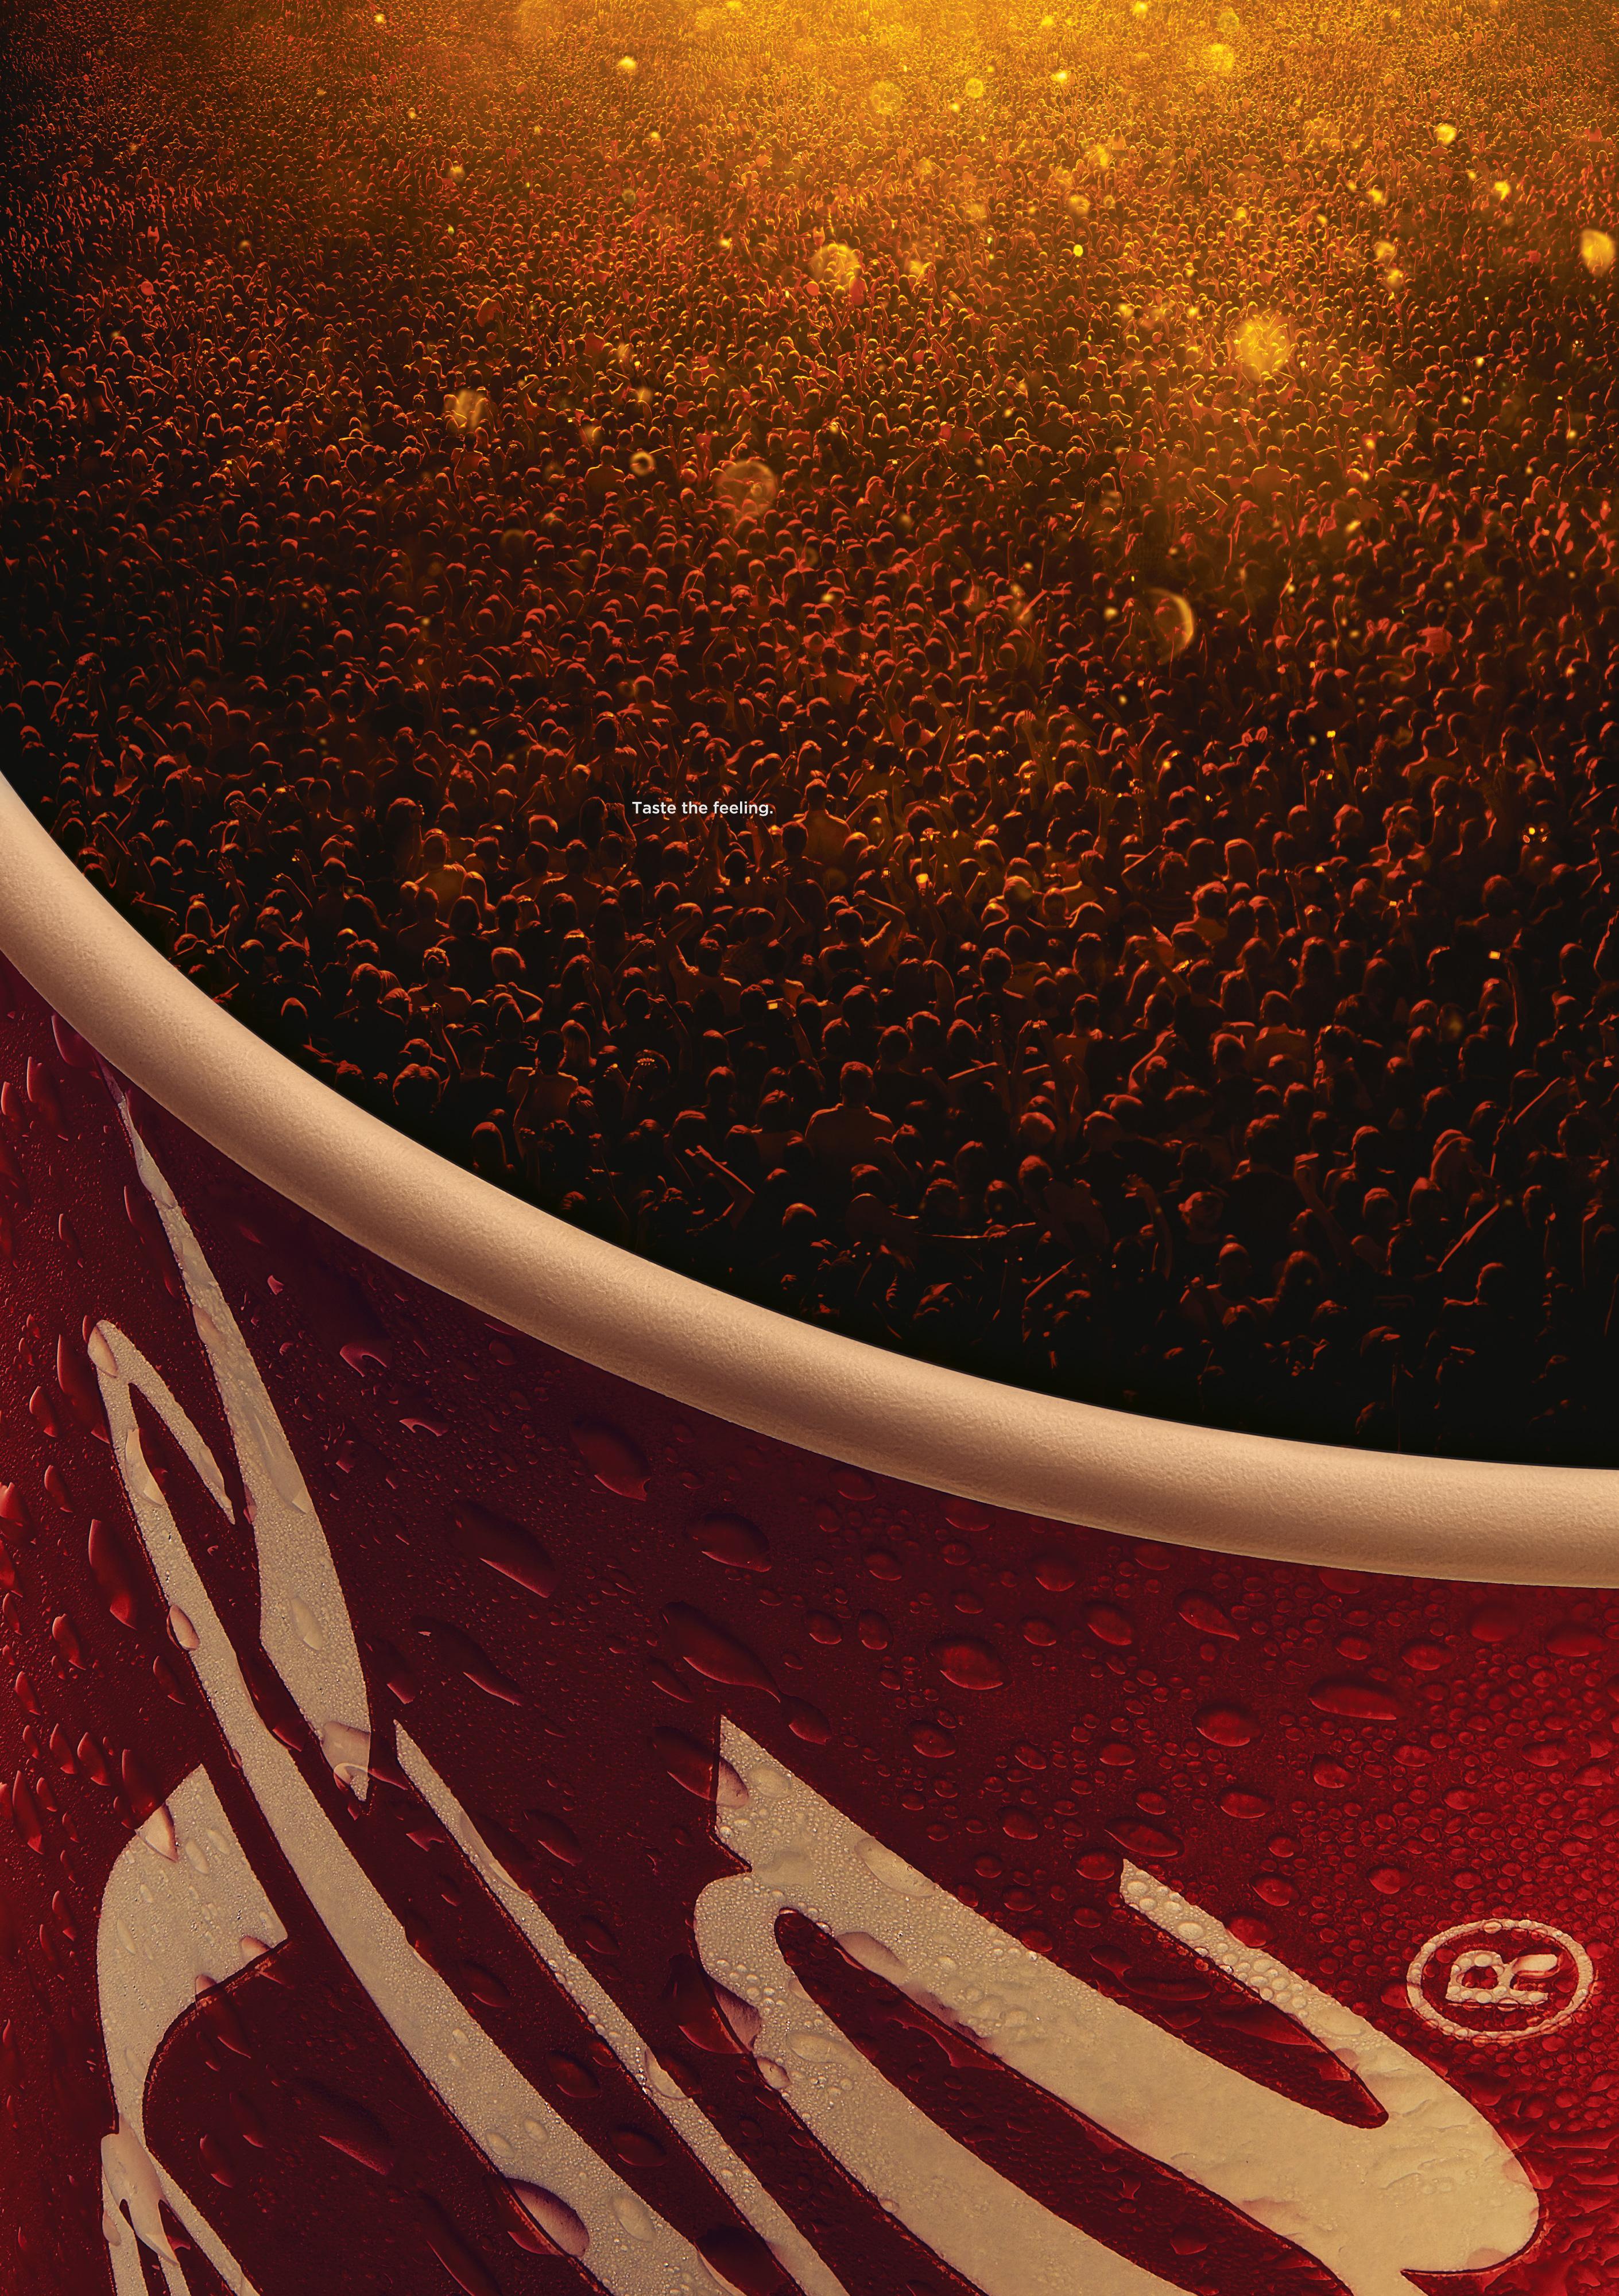 可口可乐-欢庆的泡泡